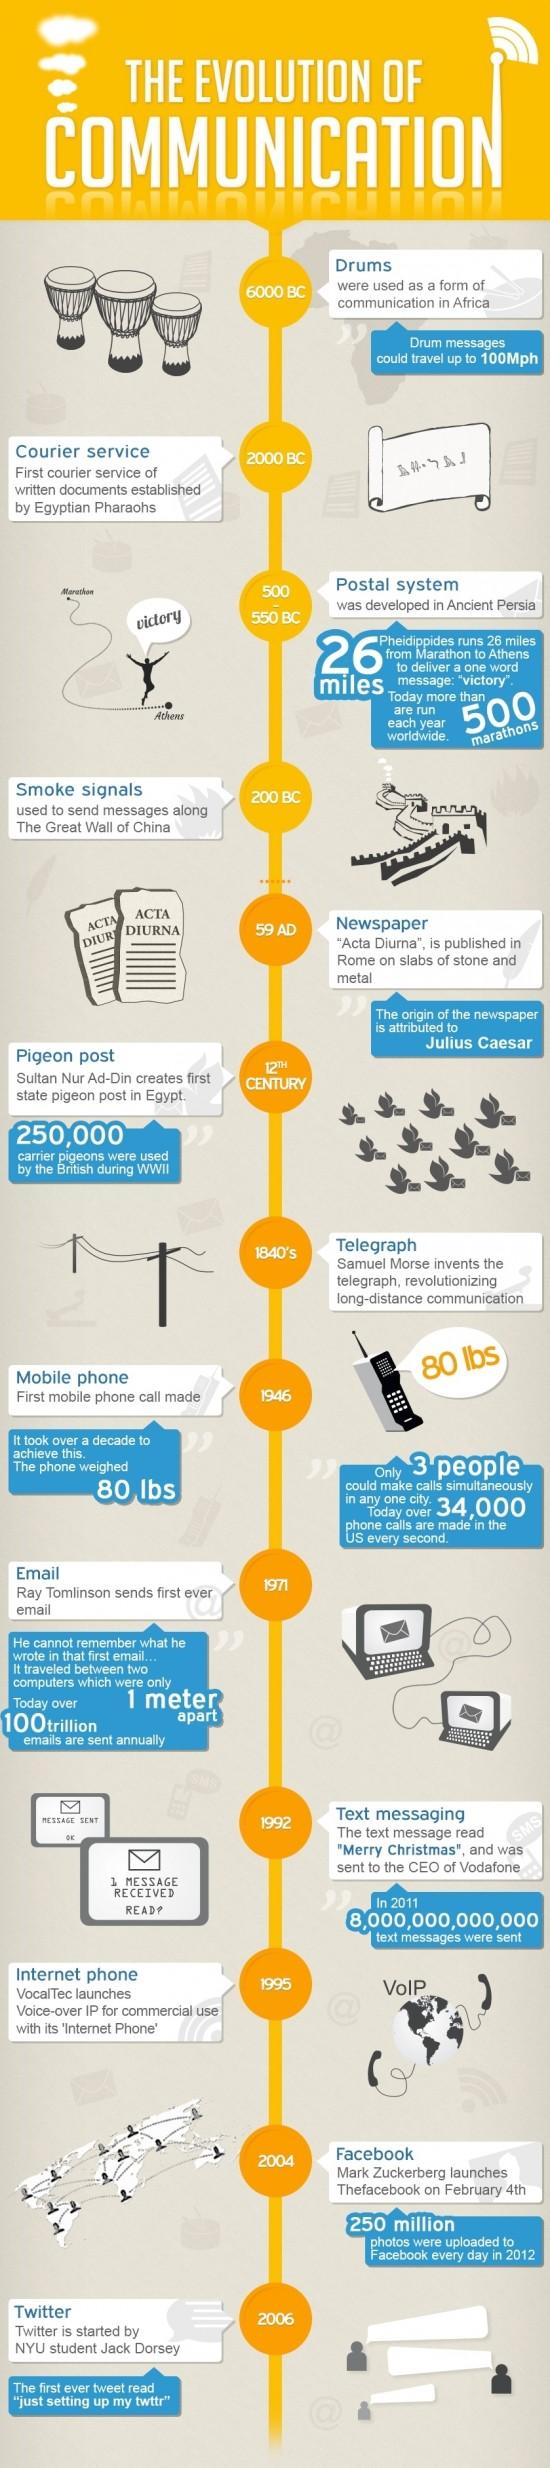 Les moyens de communication des pigeons voyageurs à Twitter